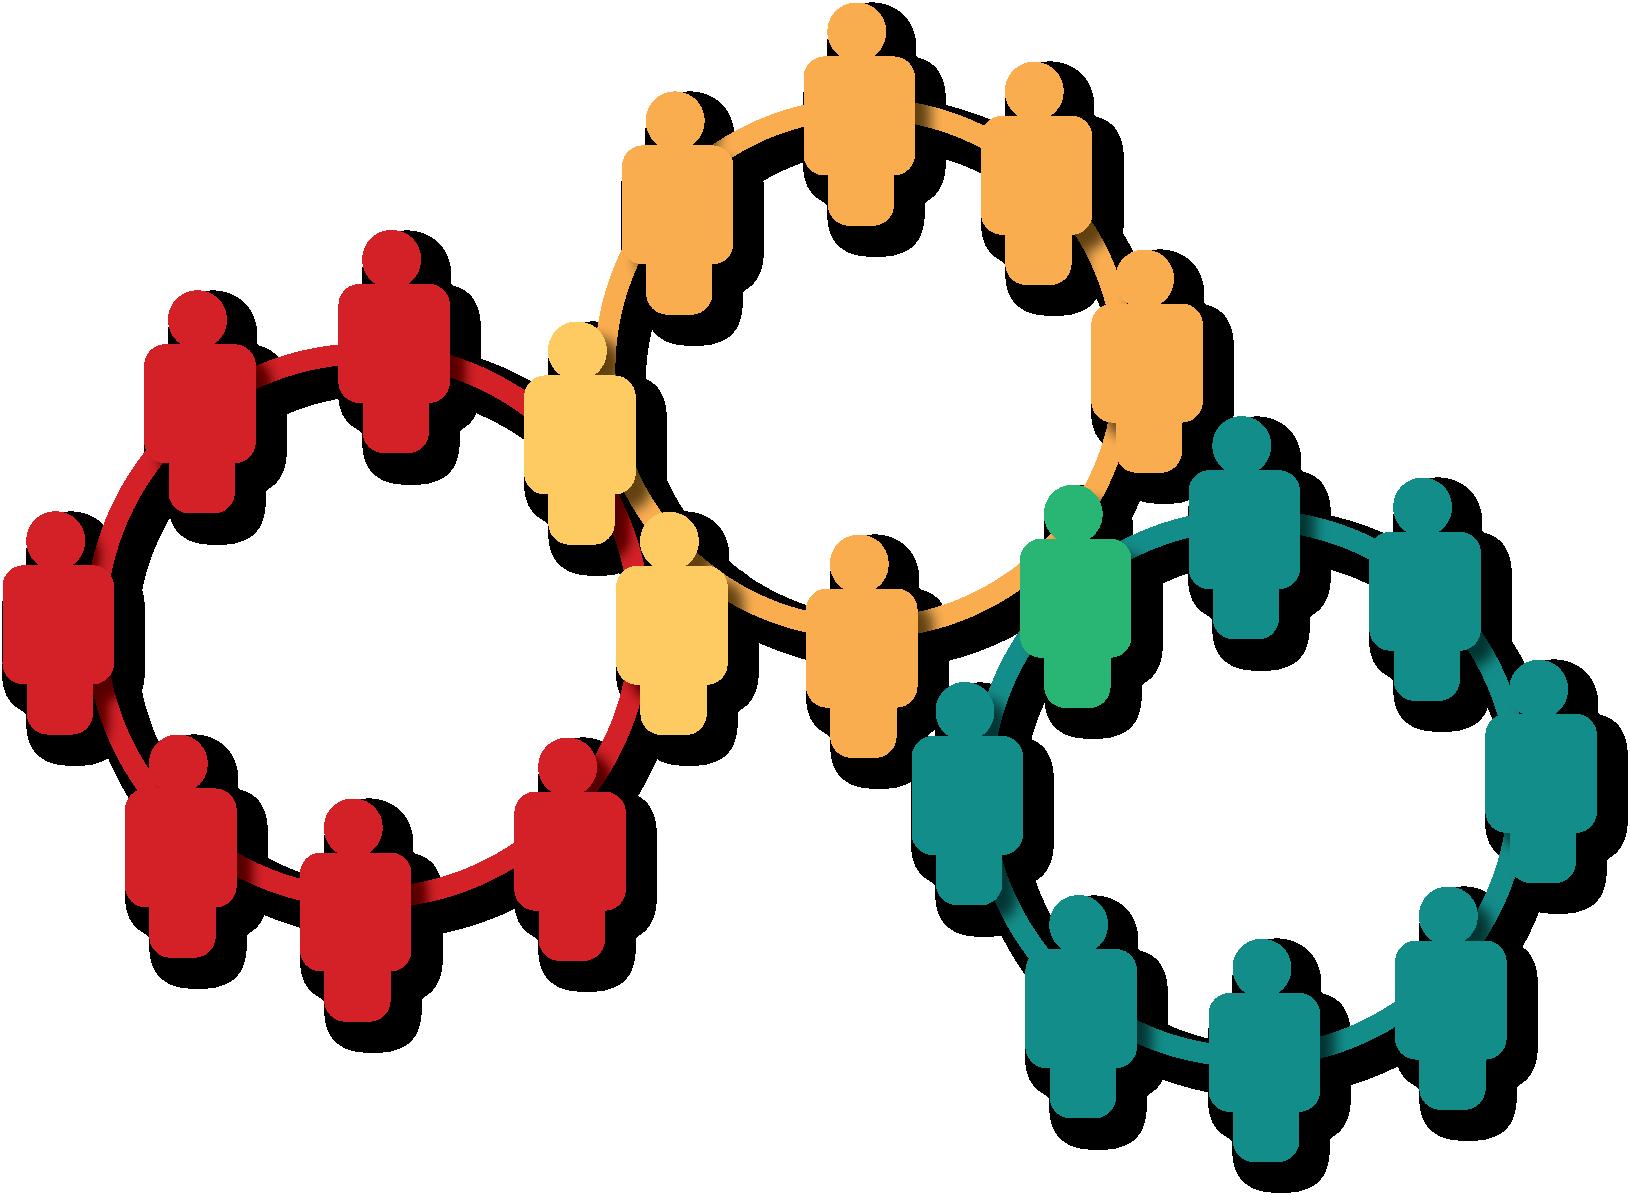 Human clipart congregation, Human congregation Transparent.